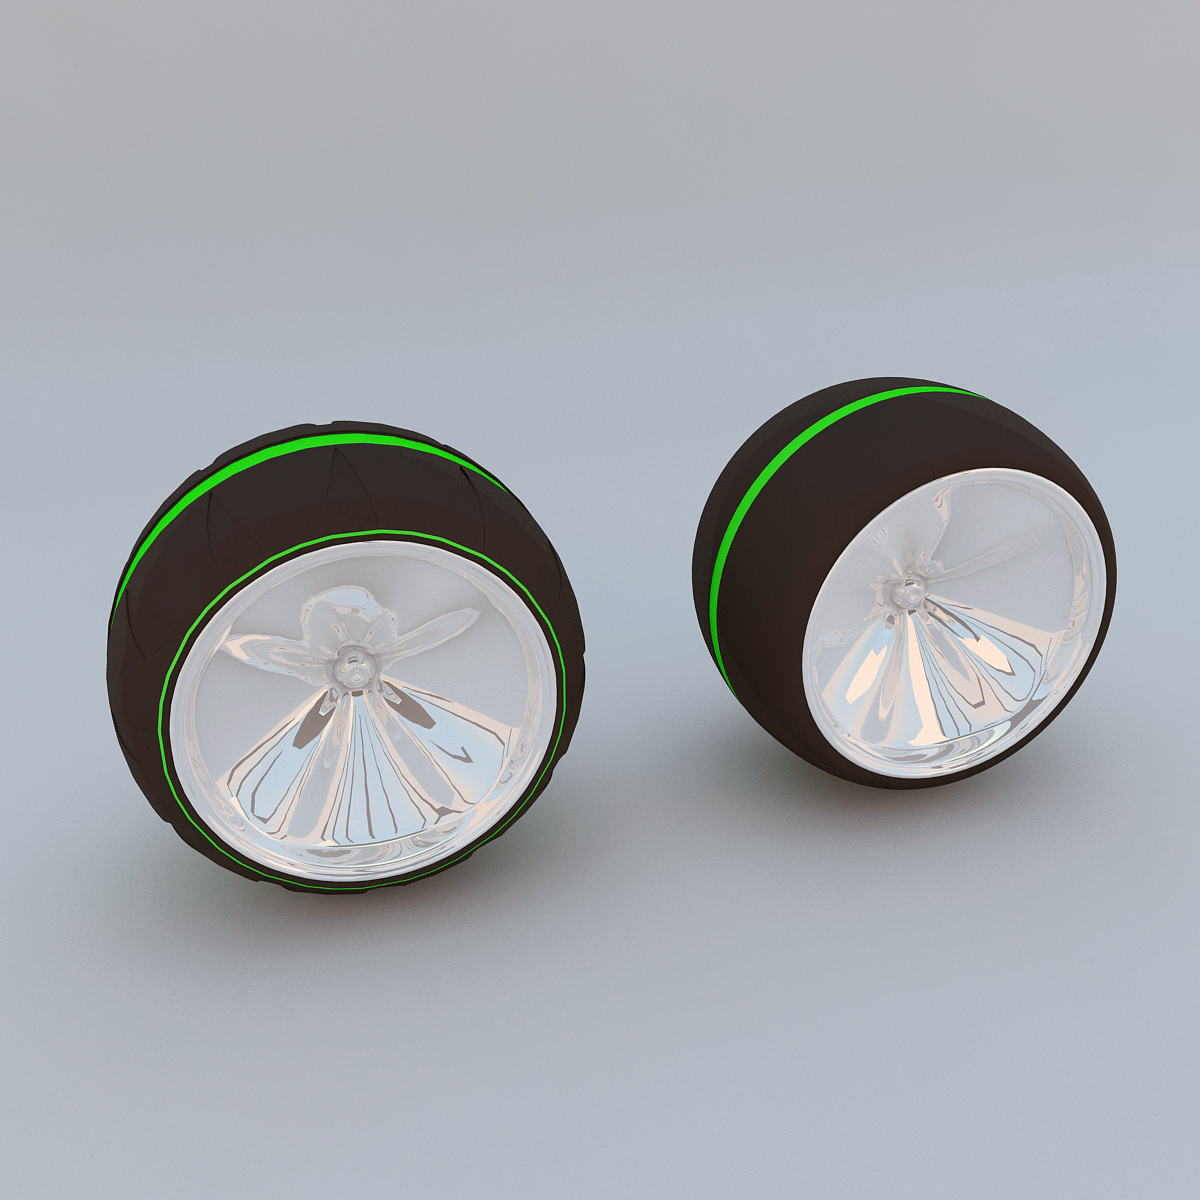 Futuristic wheel concept max 2011 3d model max obj 3ds for Futuristic household items